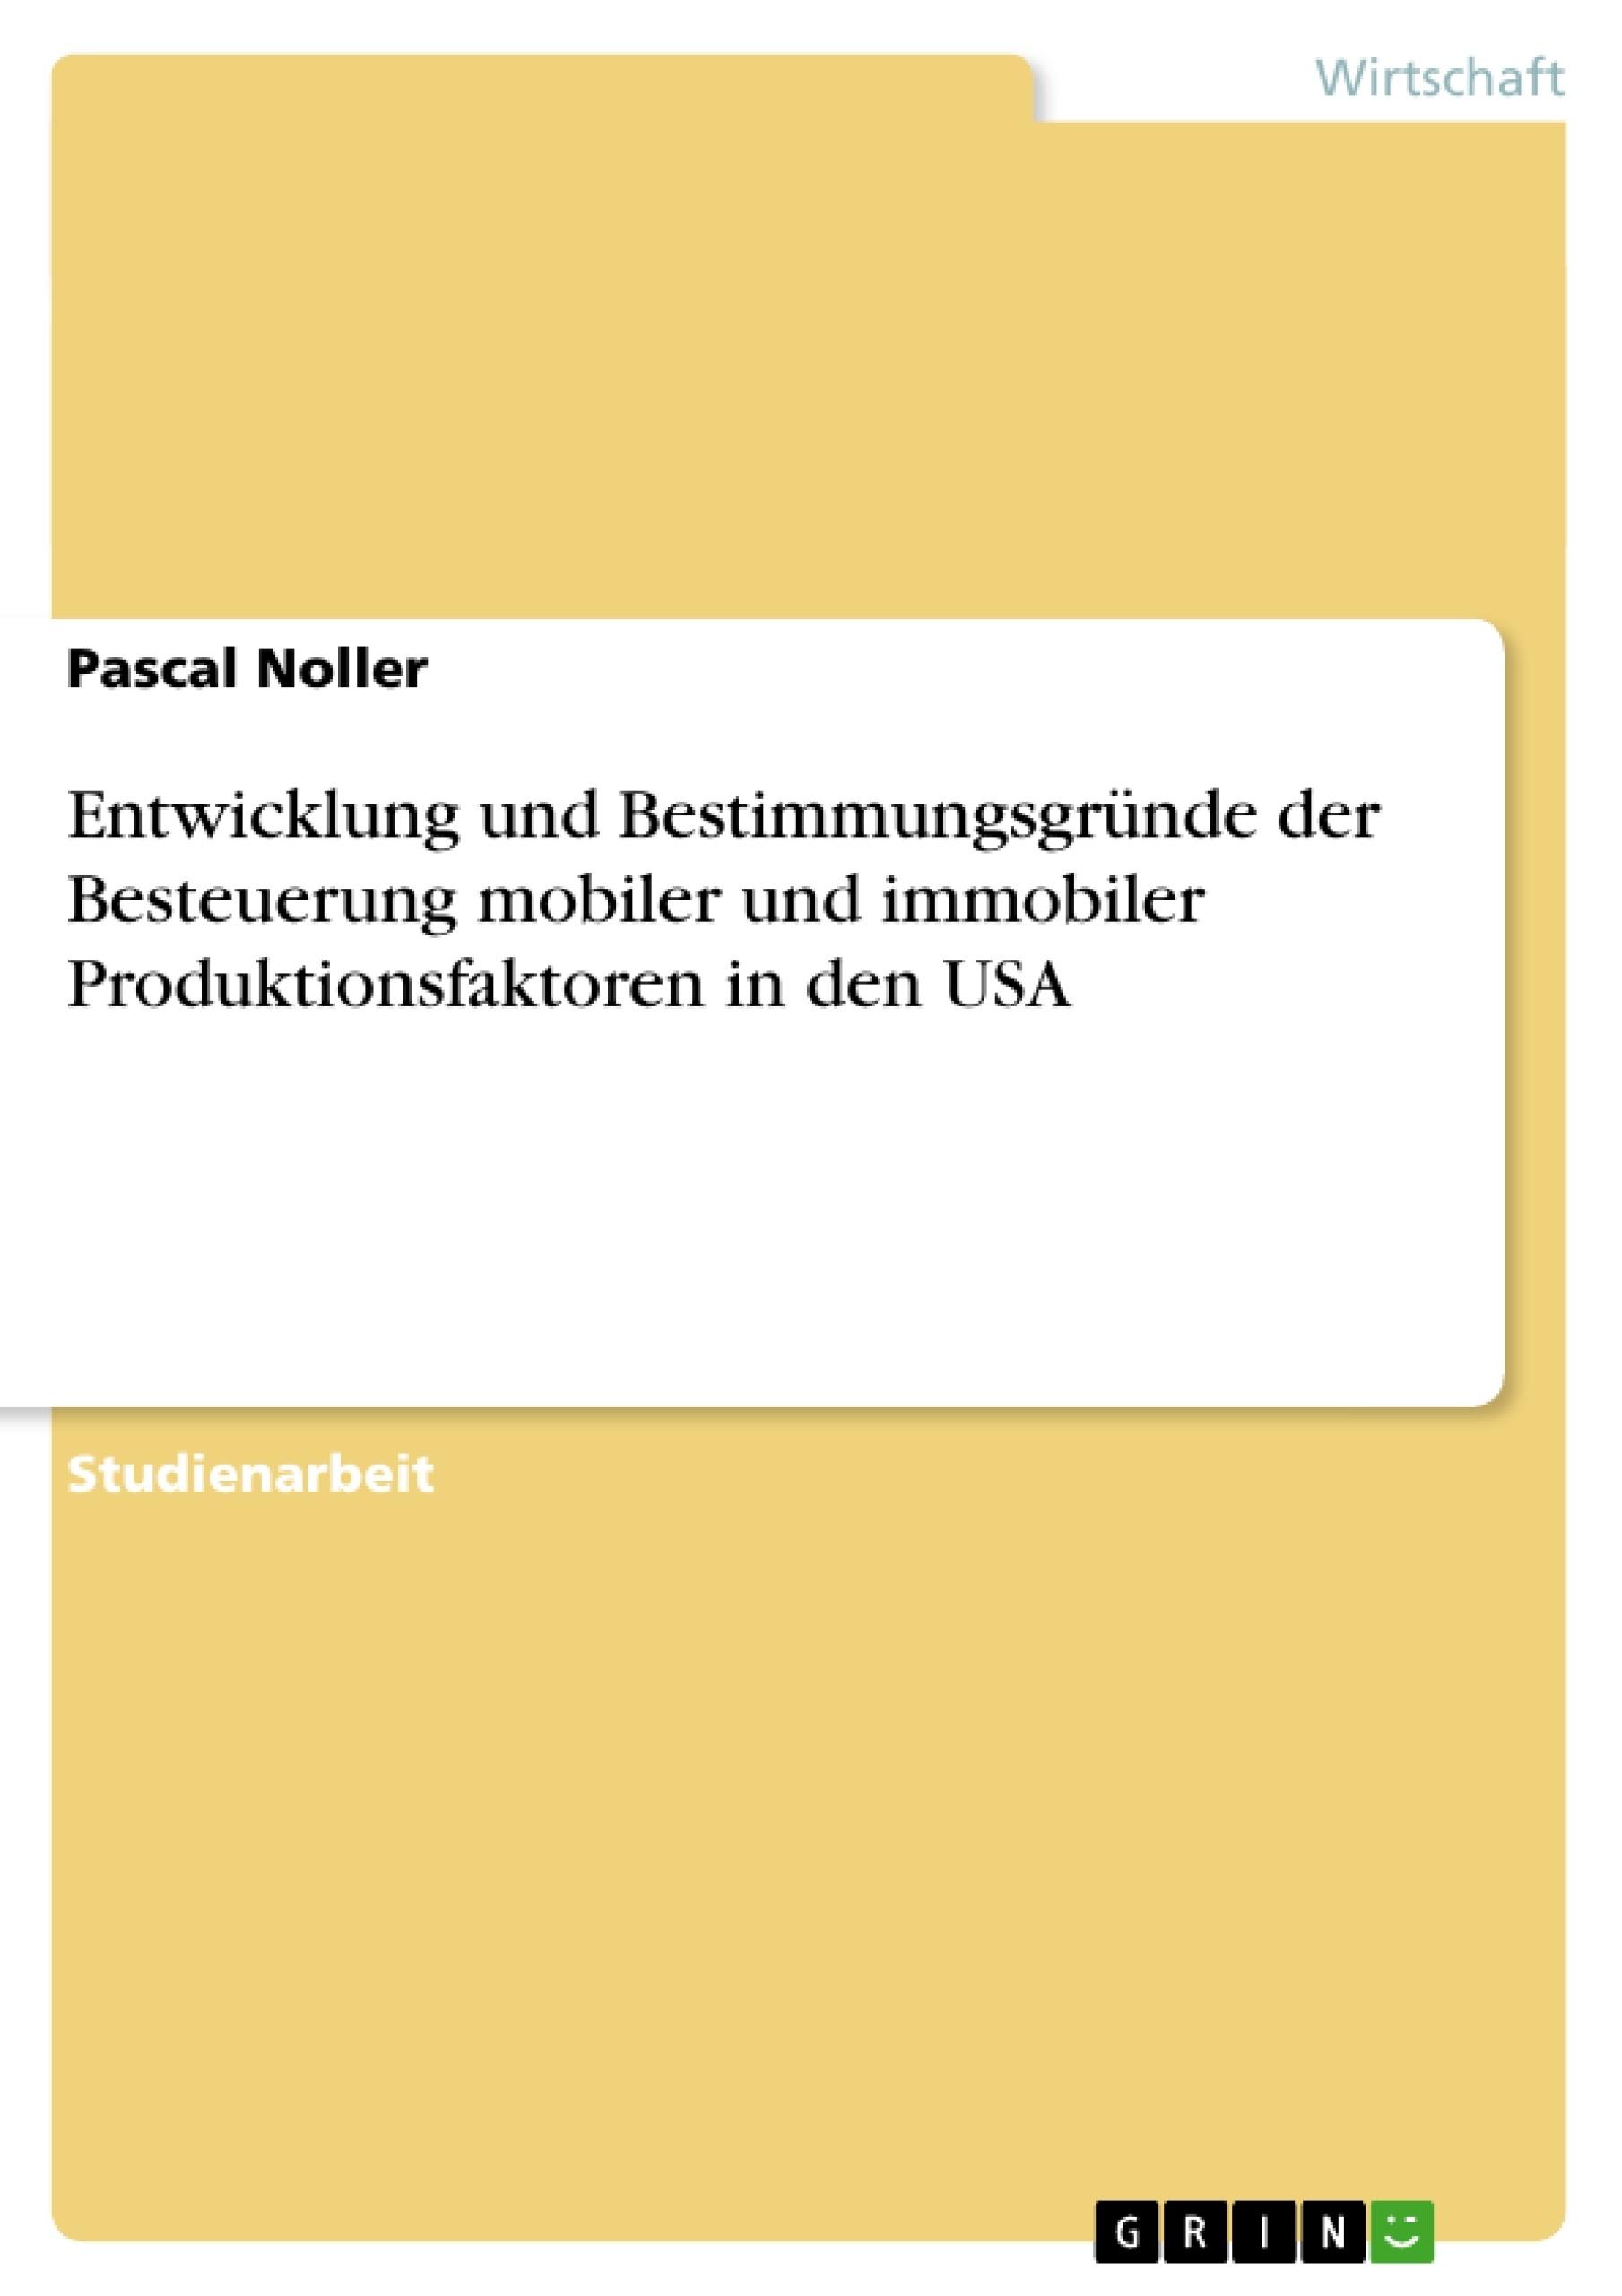 Titel: Entwicklung und Bestimmungsgründe der Besteuerung mobiler und immobiler Produktionsfaktoren in den USA